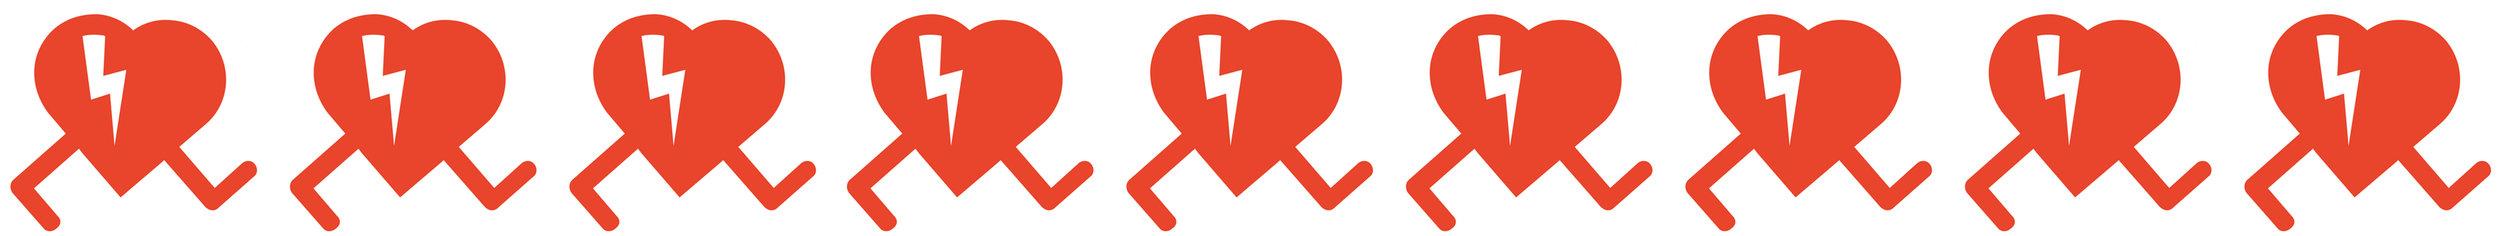 9 hjerter***.jpg